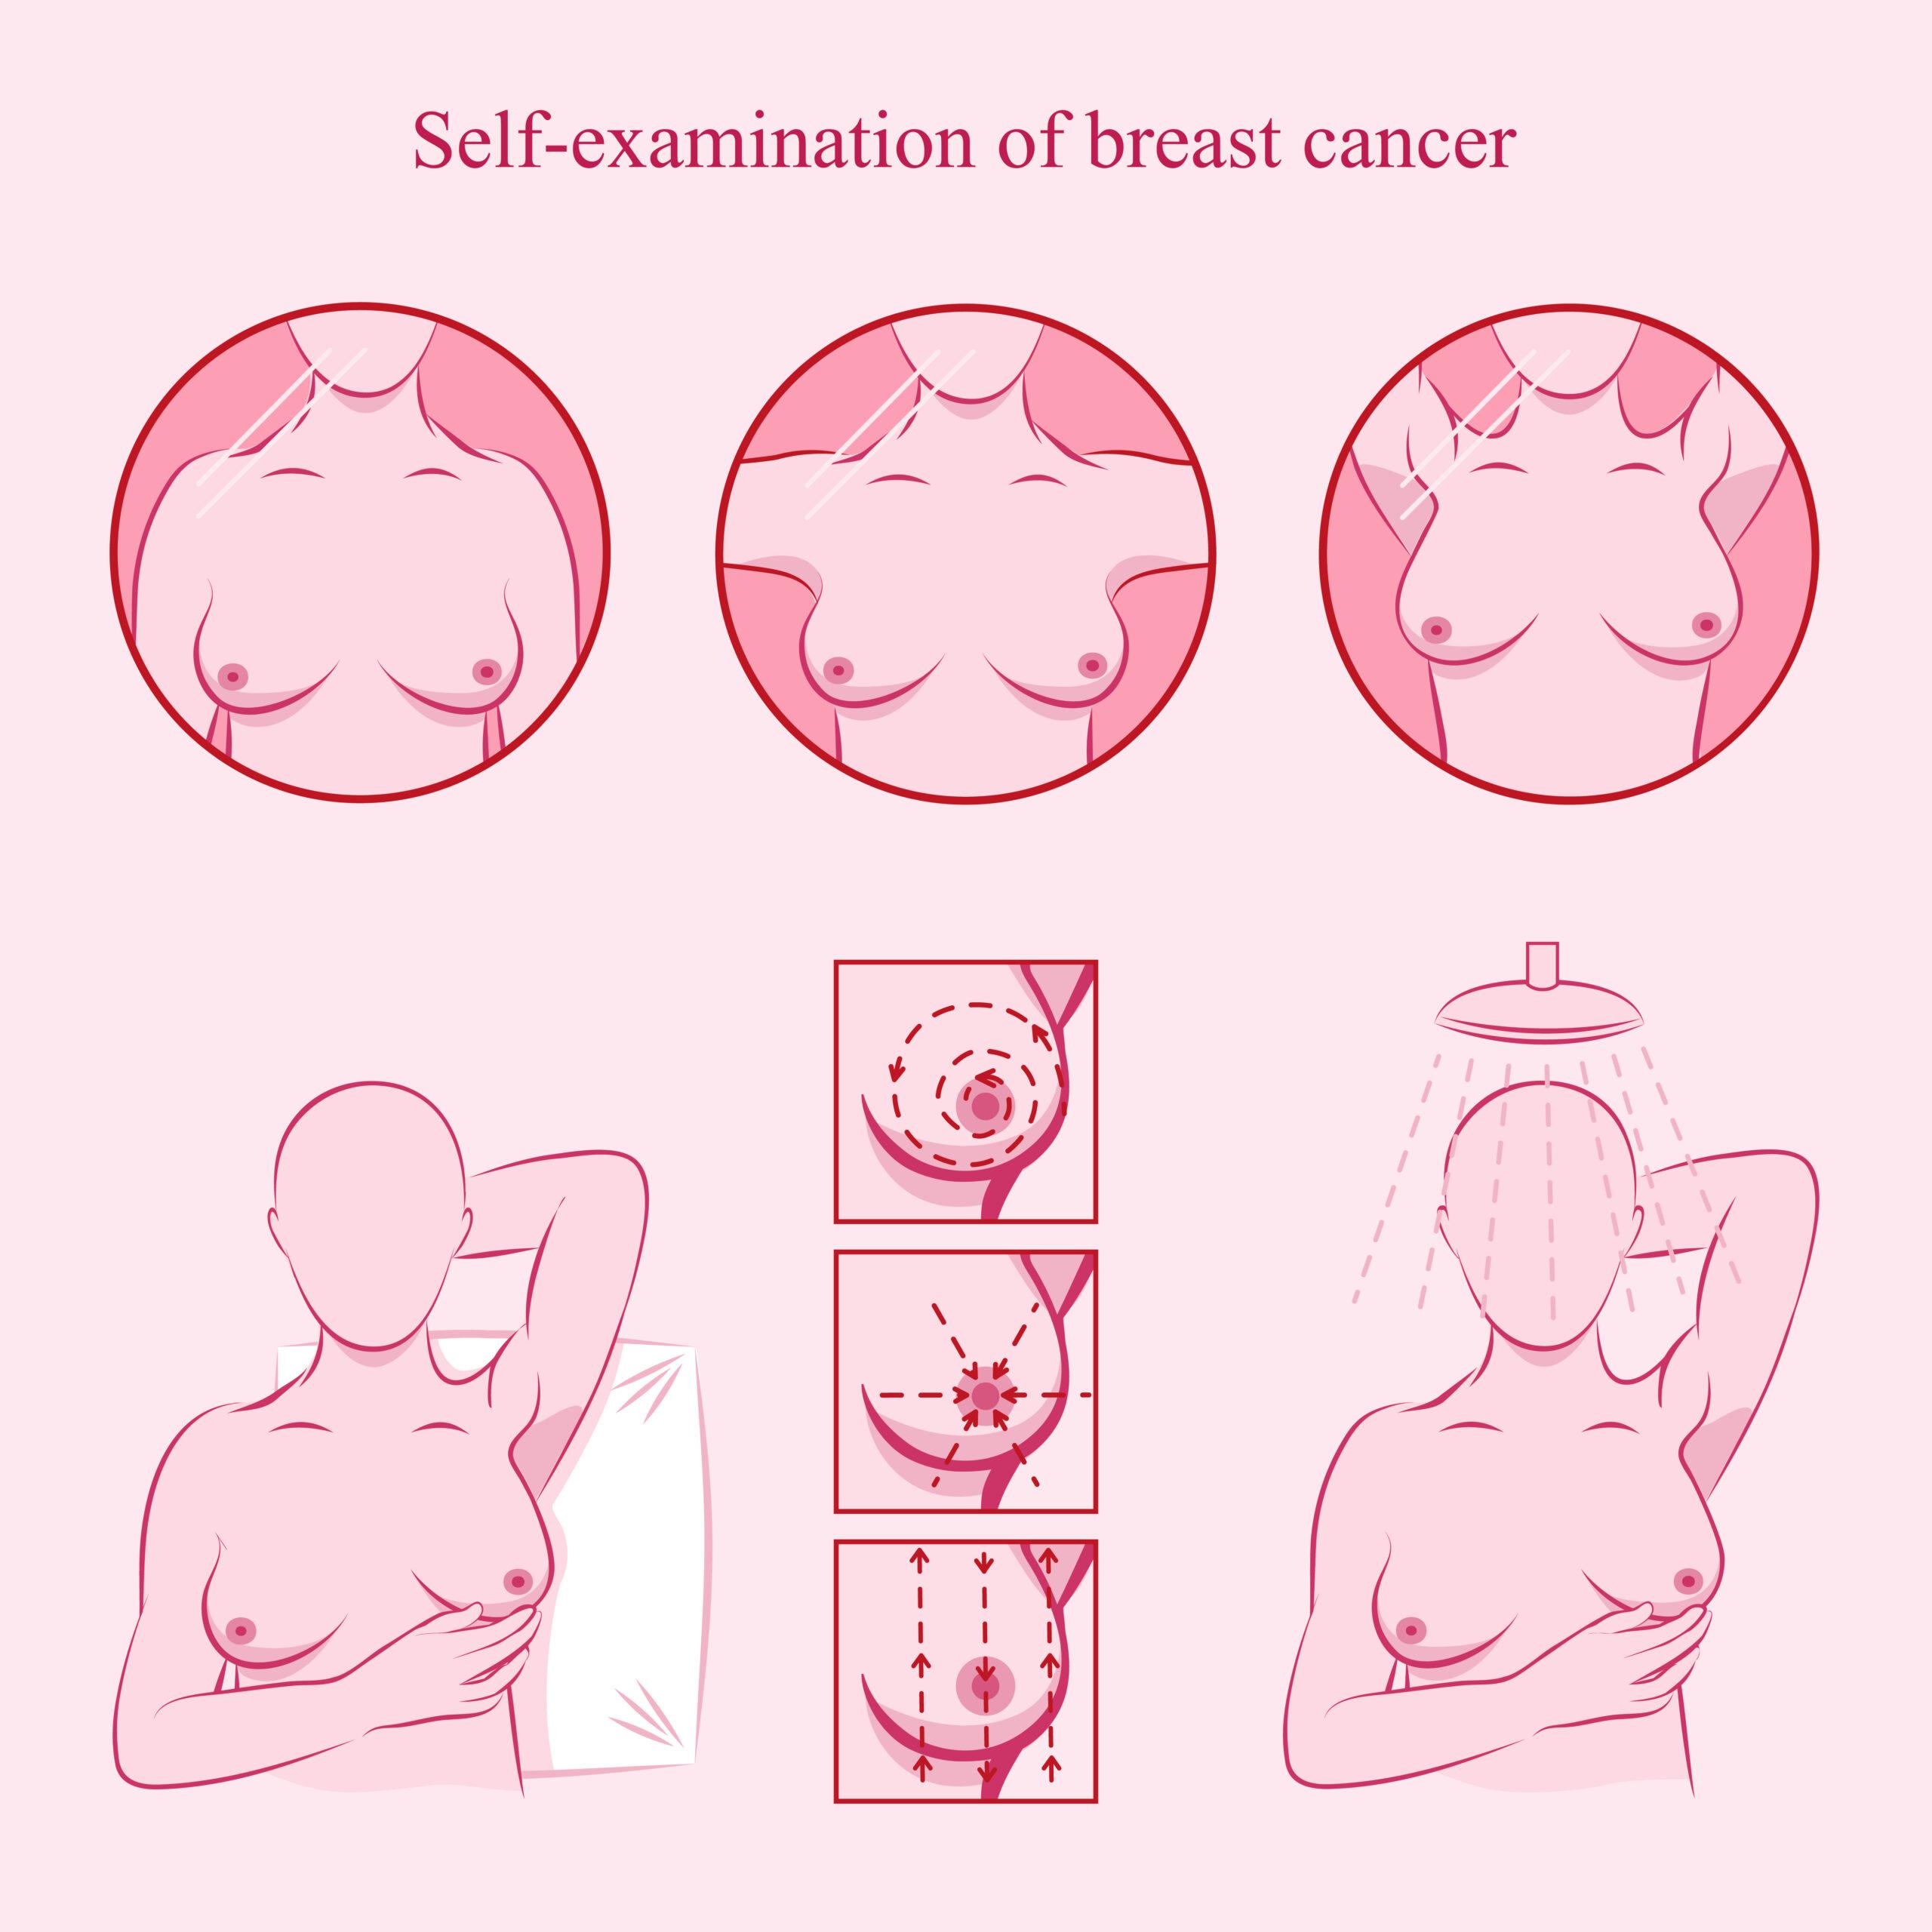 19 de octubre, día mundial contra el cáncer de mama. La autoexploración mamaria 1